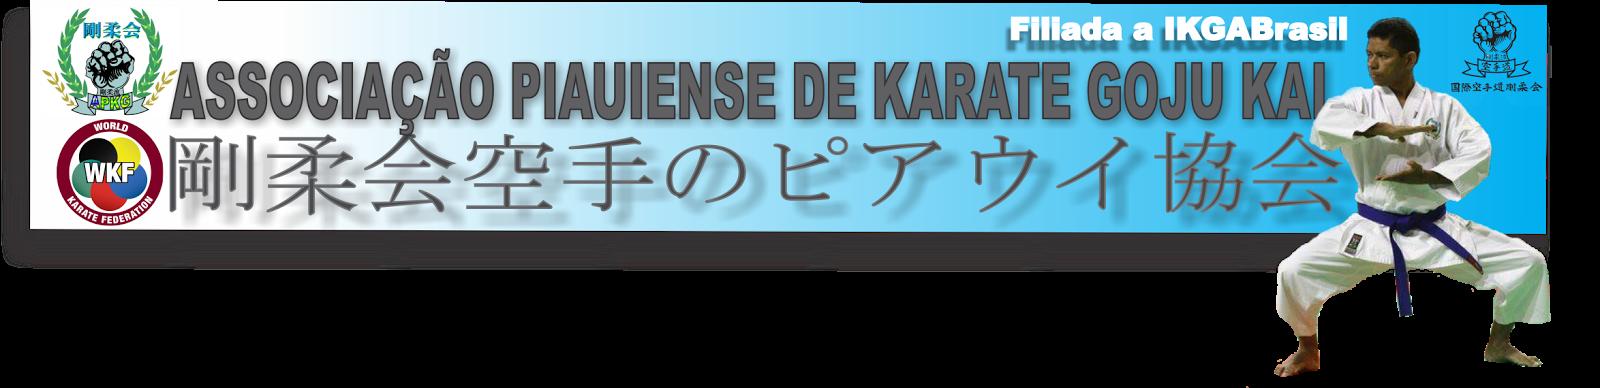 ASSOCIAÇÃO PIAUIENSE DE KARATE GOJU-KAI